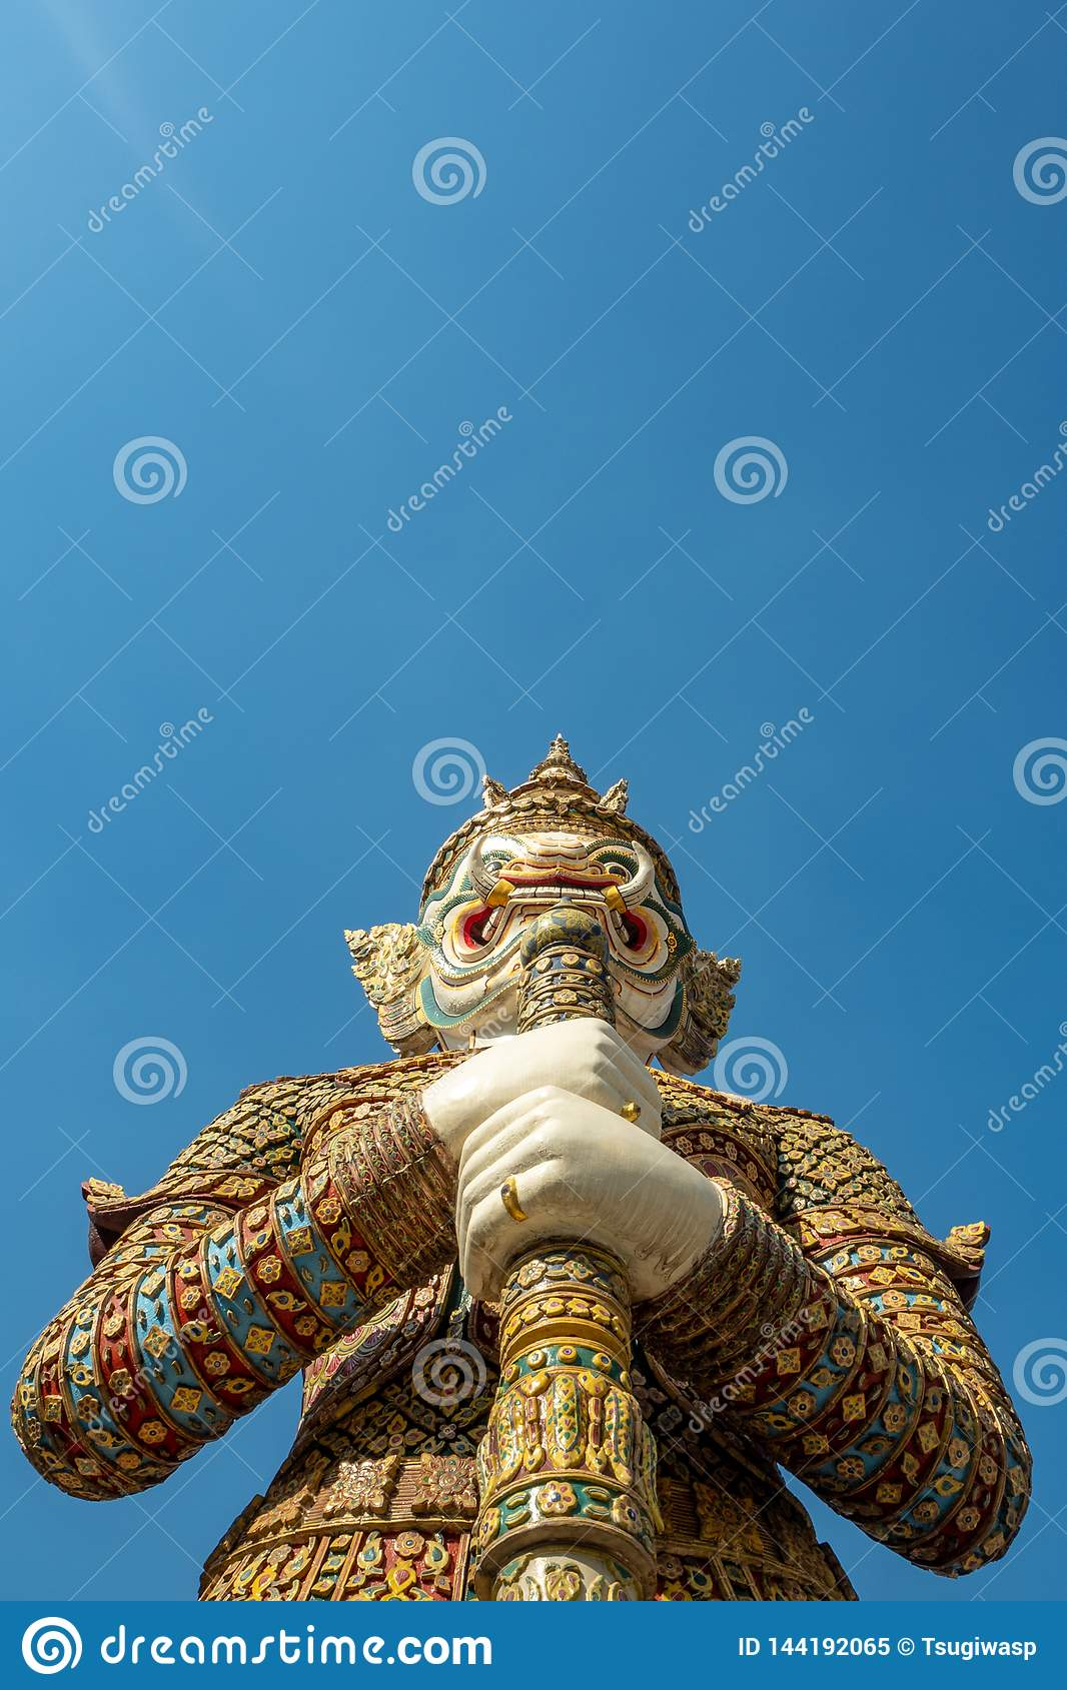 Piękna biała gigantyczna statua na niebieskiego nieba tle